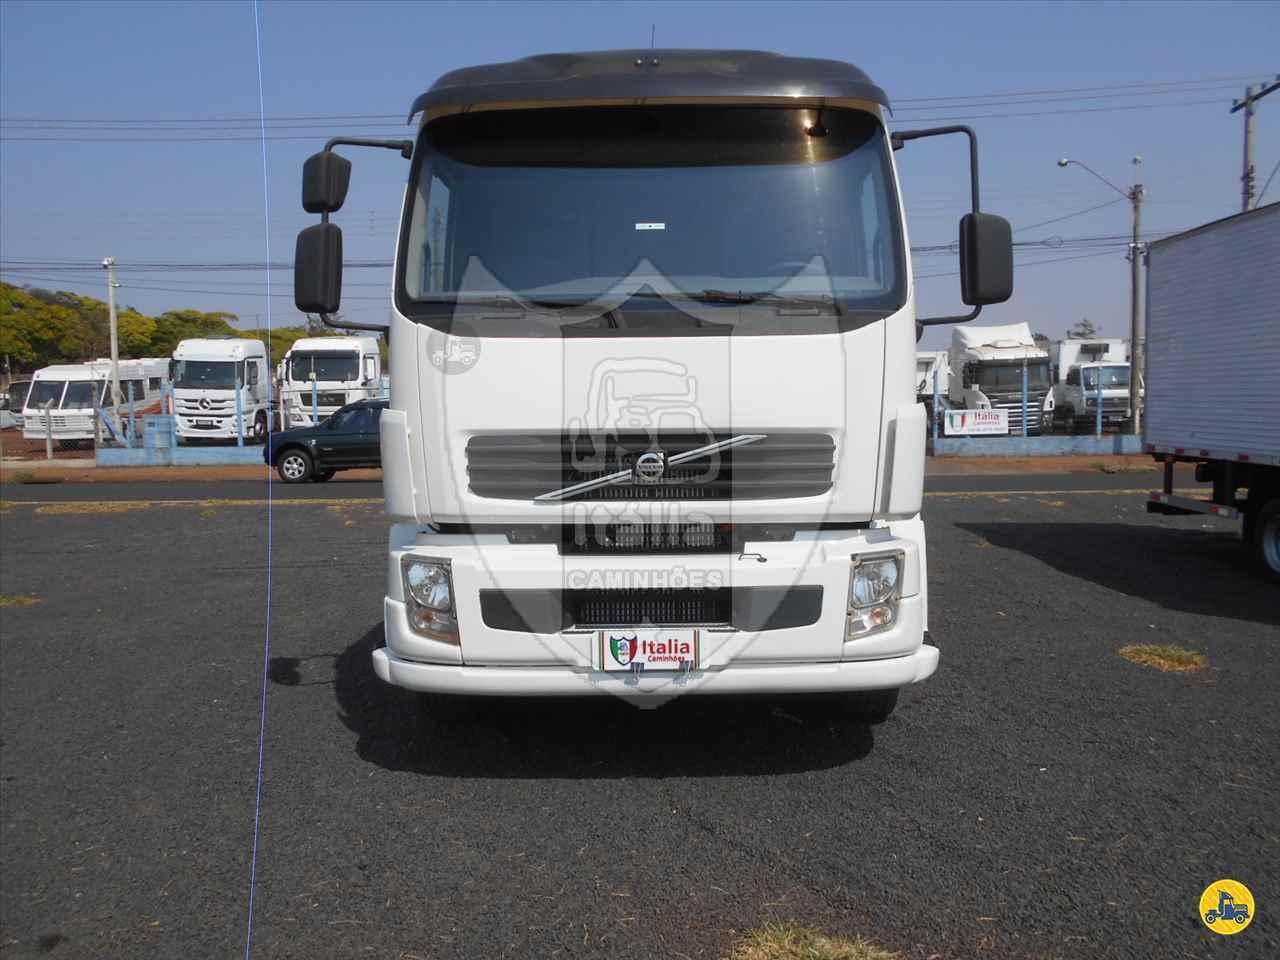 CAMINHAO VOLVO VOLVO VM 260 Tanque Aço Truck 6x2 Itália Caminhões RIBEIRAO PRETO SÃO PAULO SP